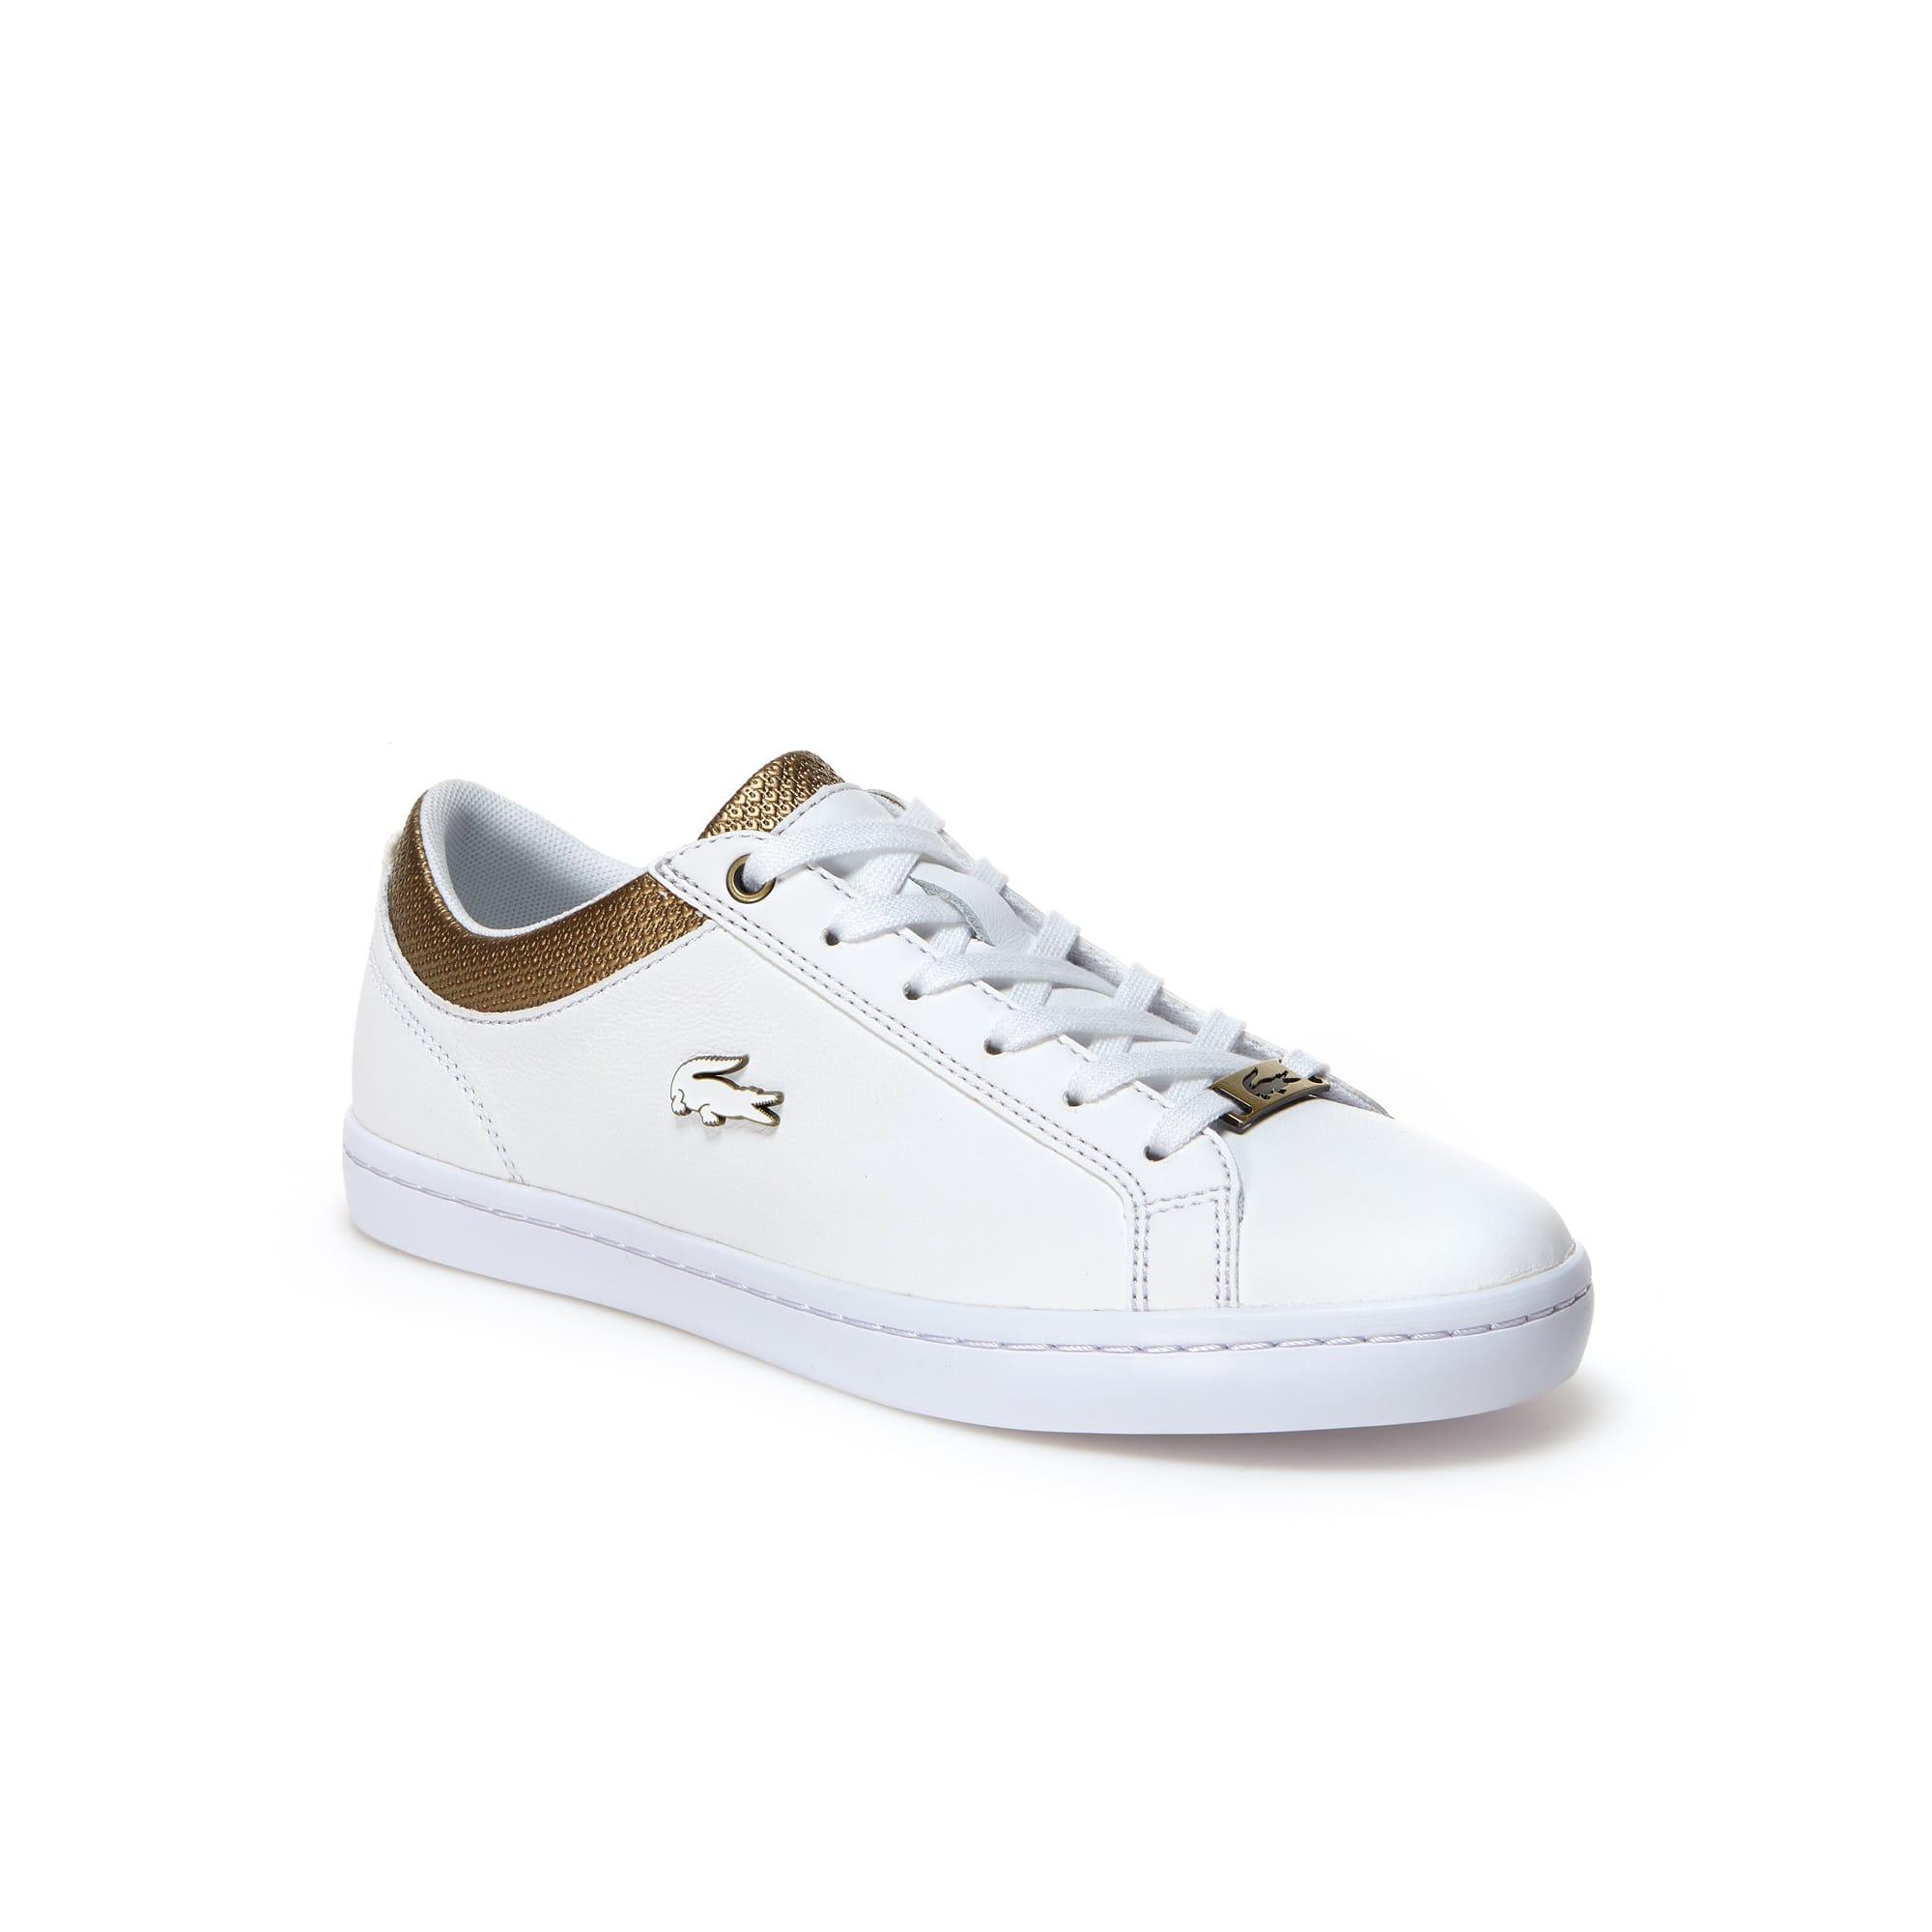 All Shop Shop Online Online Lacoste Shoes Shoes Lacoste Shoes All Shop  Lacoste Online R7Pwd5xqKd d881f544ab2